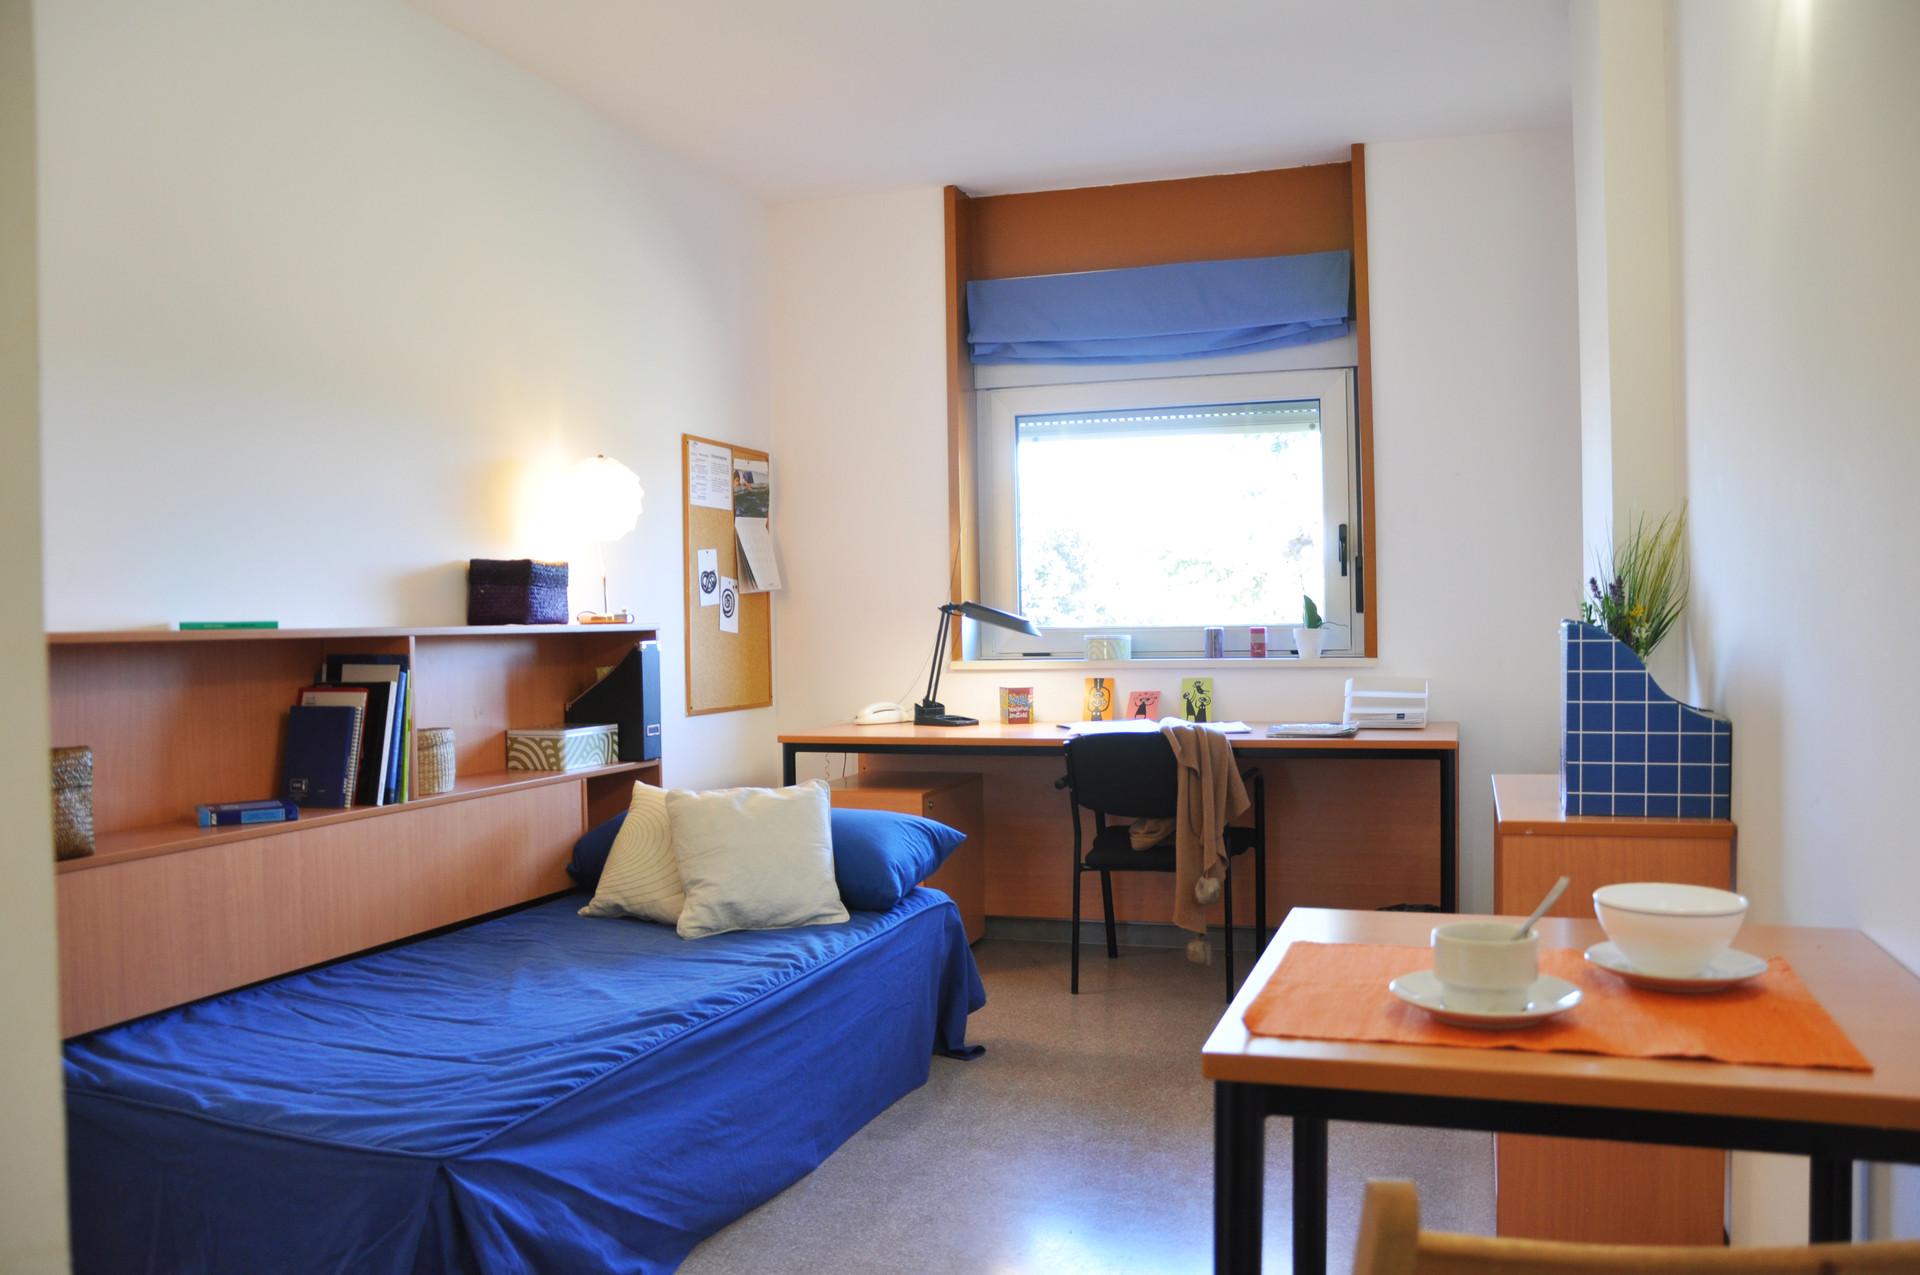 Habitaciones en residencia universitaria campus de for Dormitorio universitario